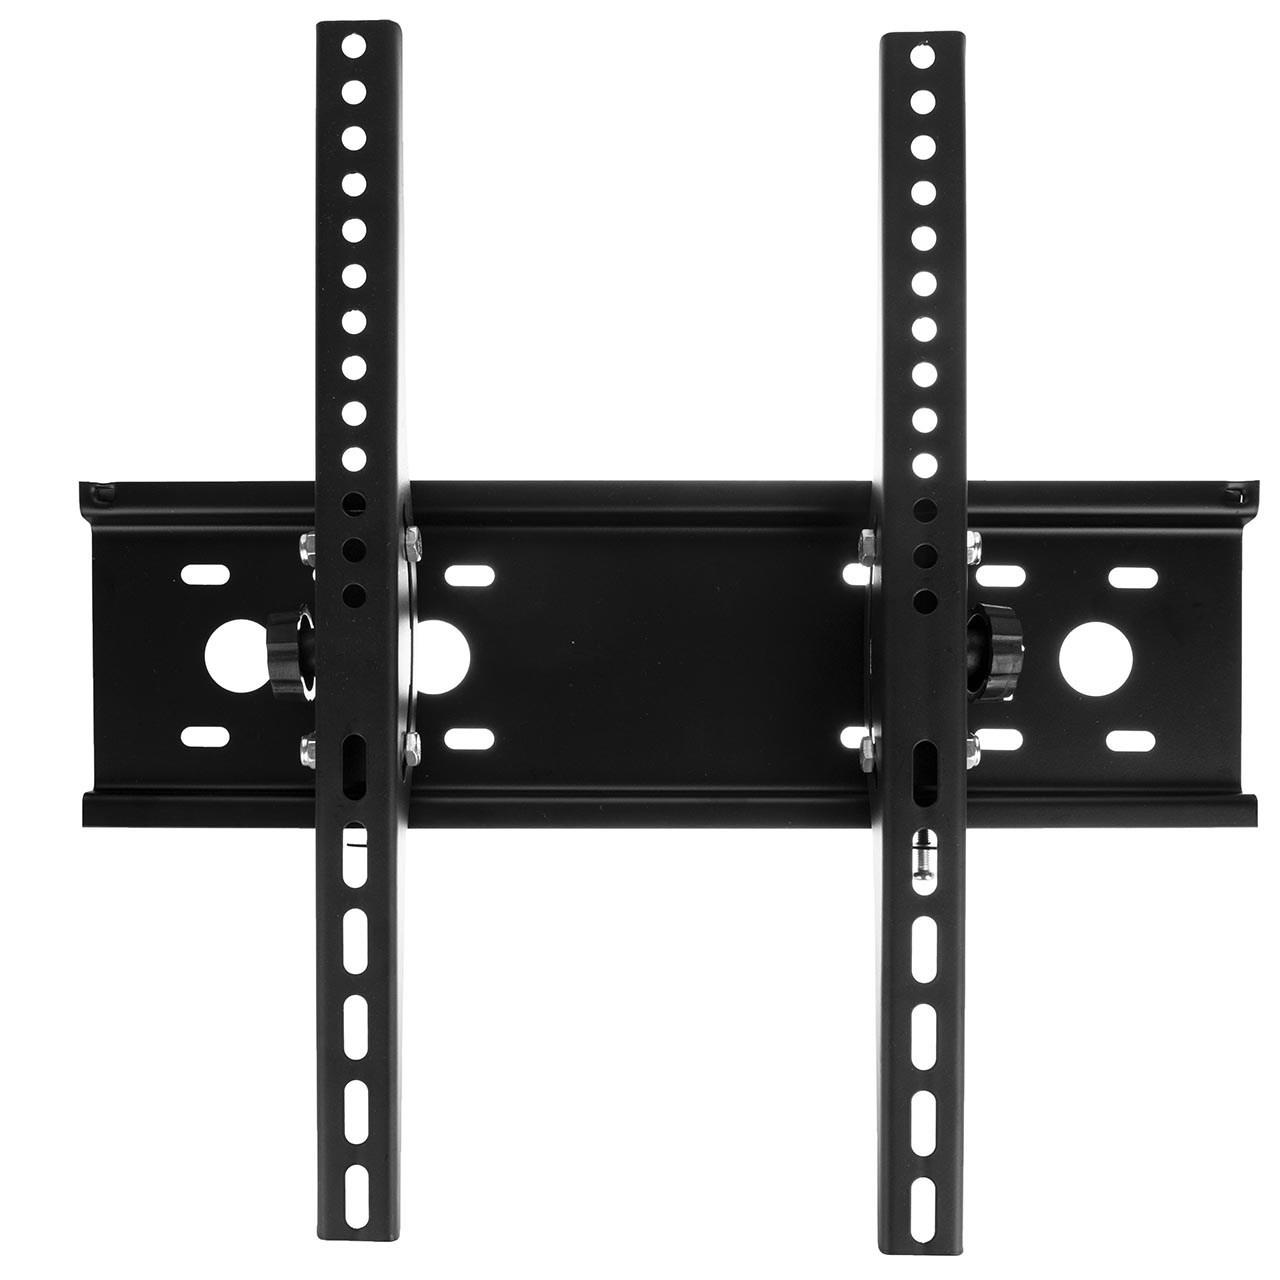 خرید اینترنتی پایه دیواری تی وی آرم مدل T2 مناسب 32 تا 60 اینچ اورجینال